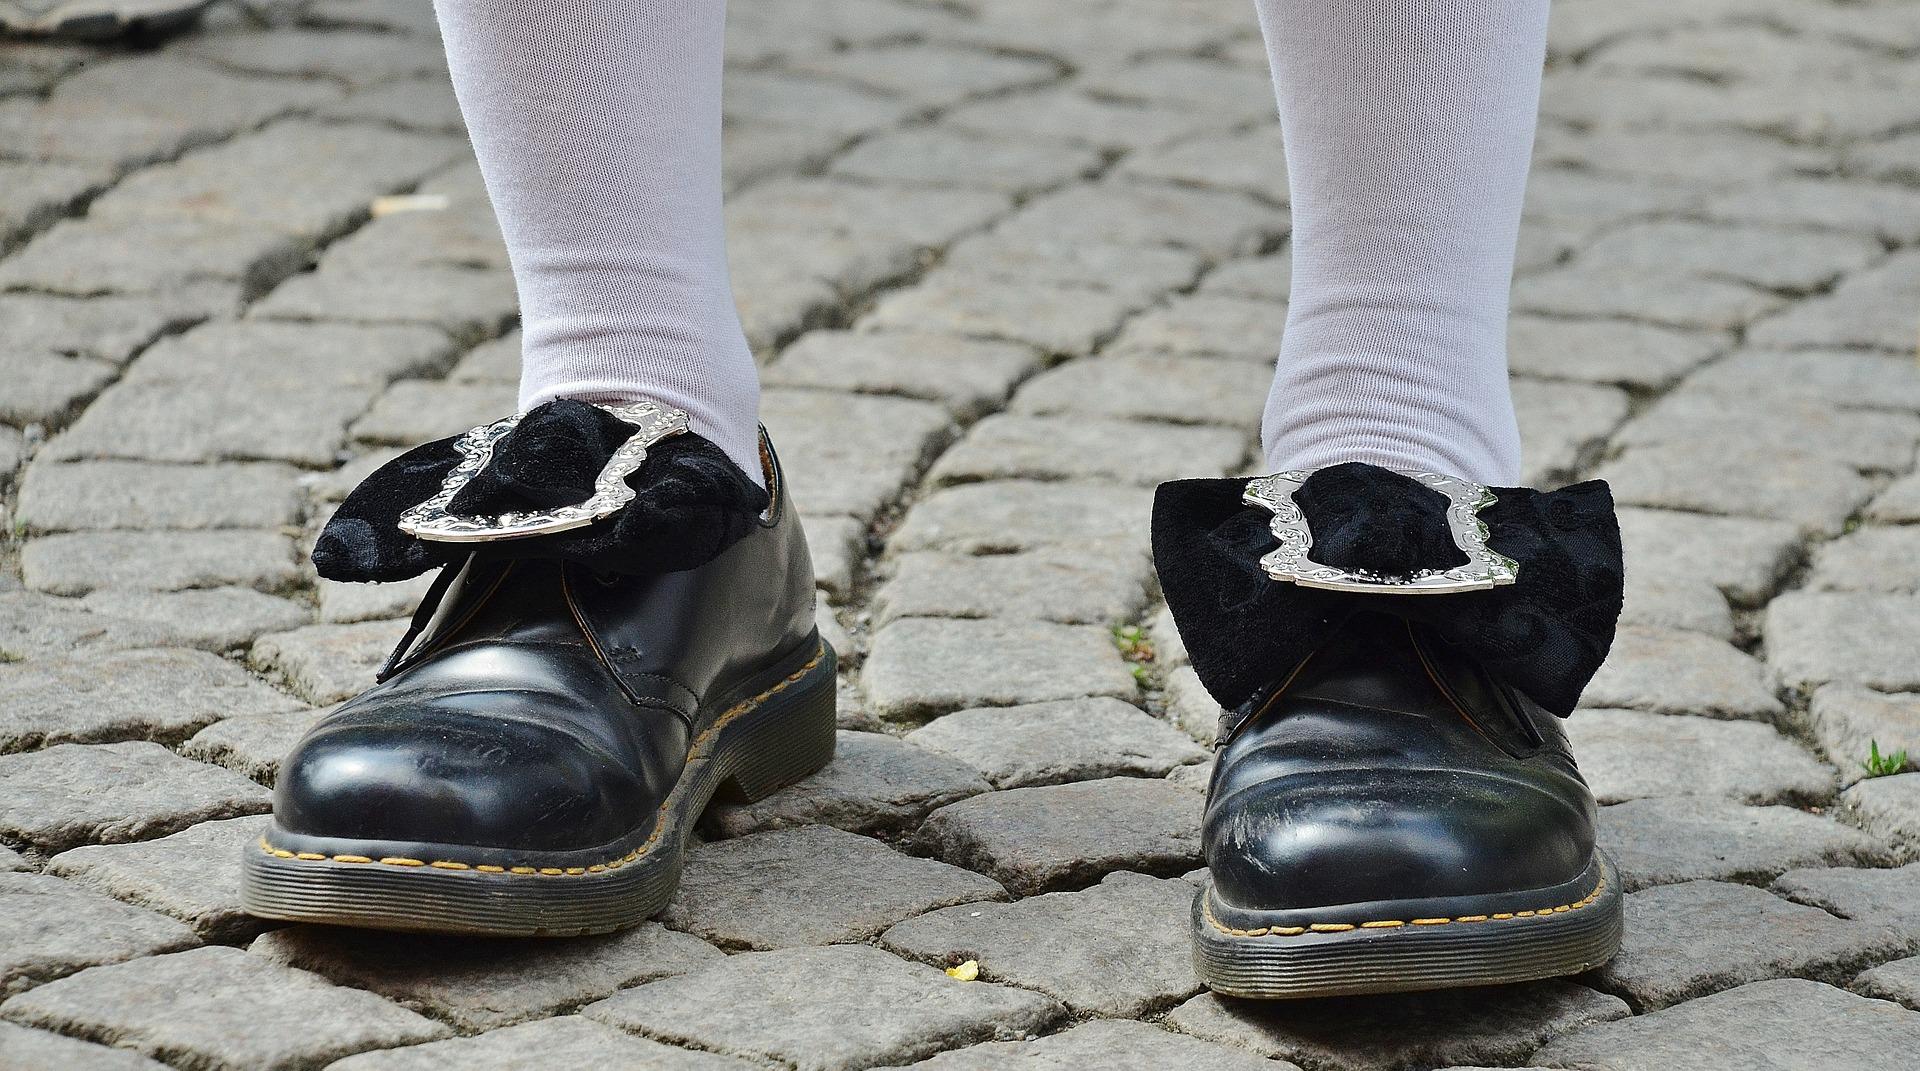 ¿Te pruebas los zapatos antes de comprarlos?